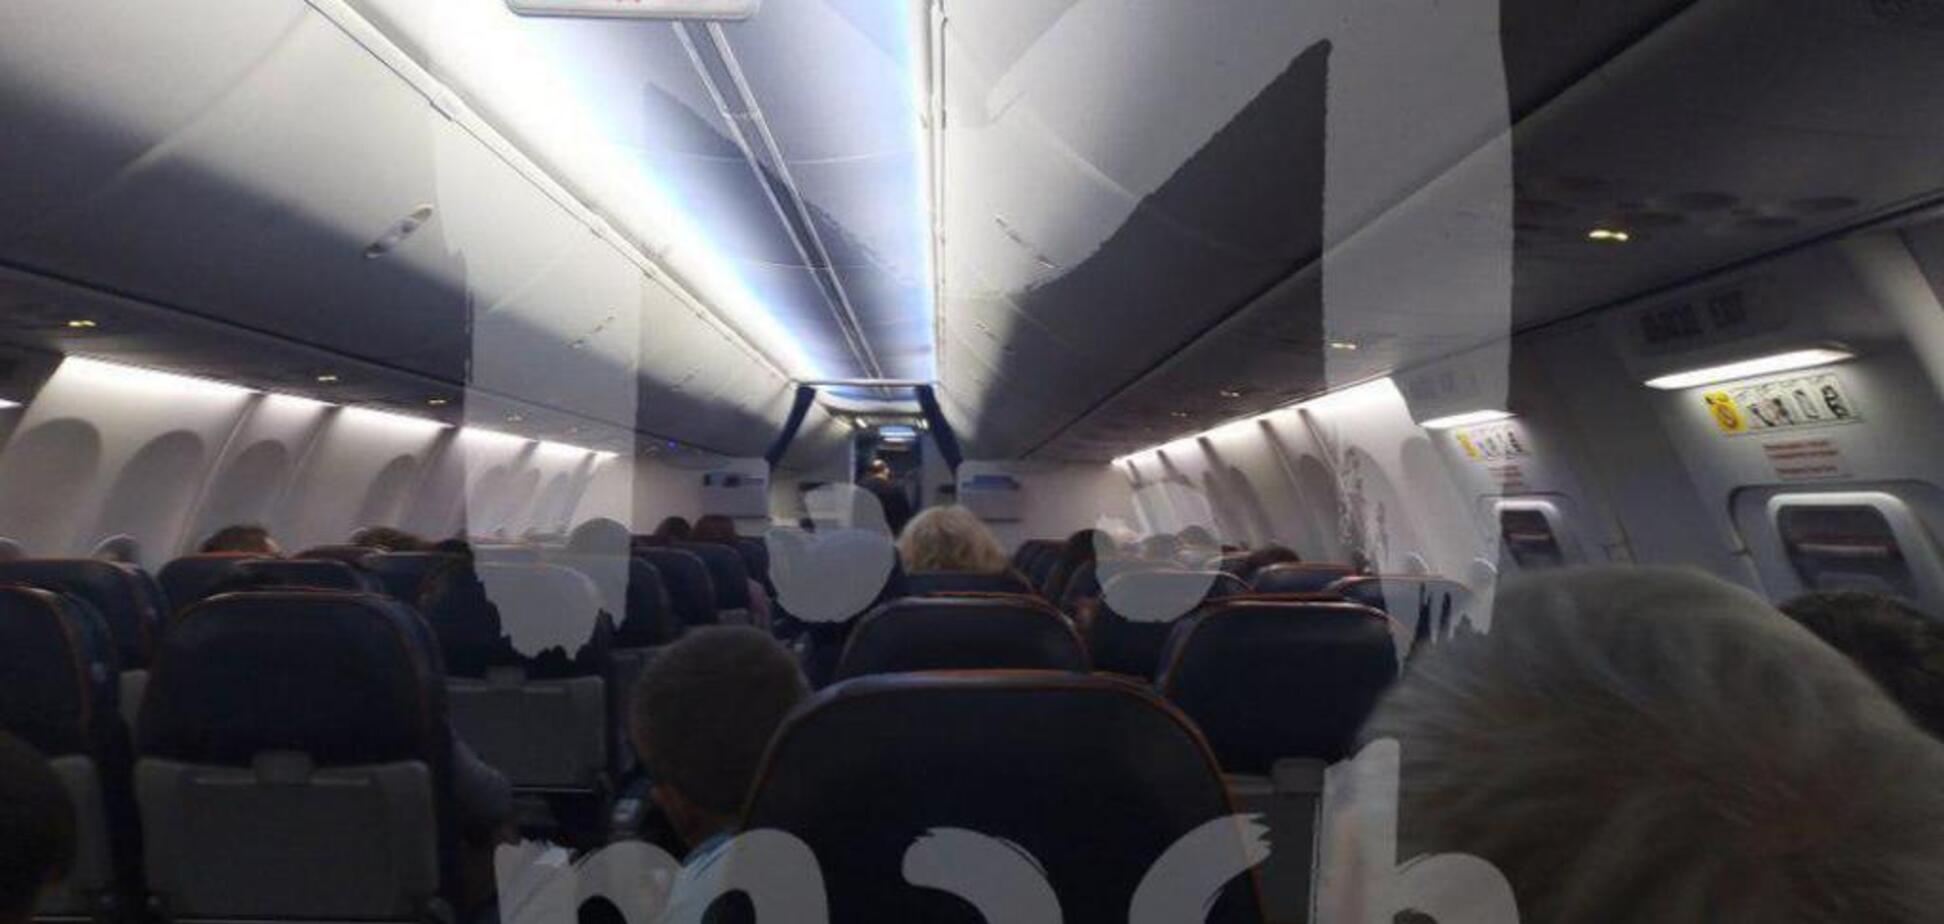 'Руки за спину!' Появилось видео штурма захваченного в России пассажирского самолета